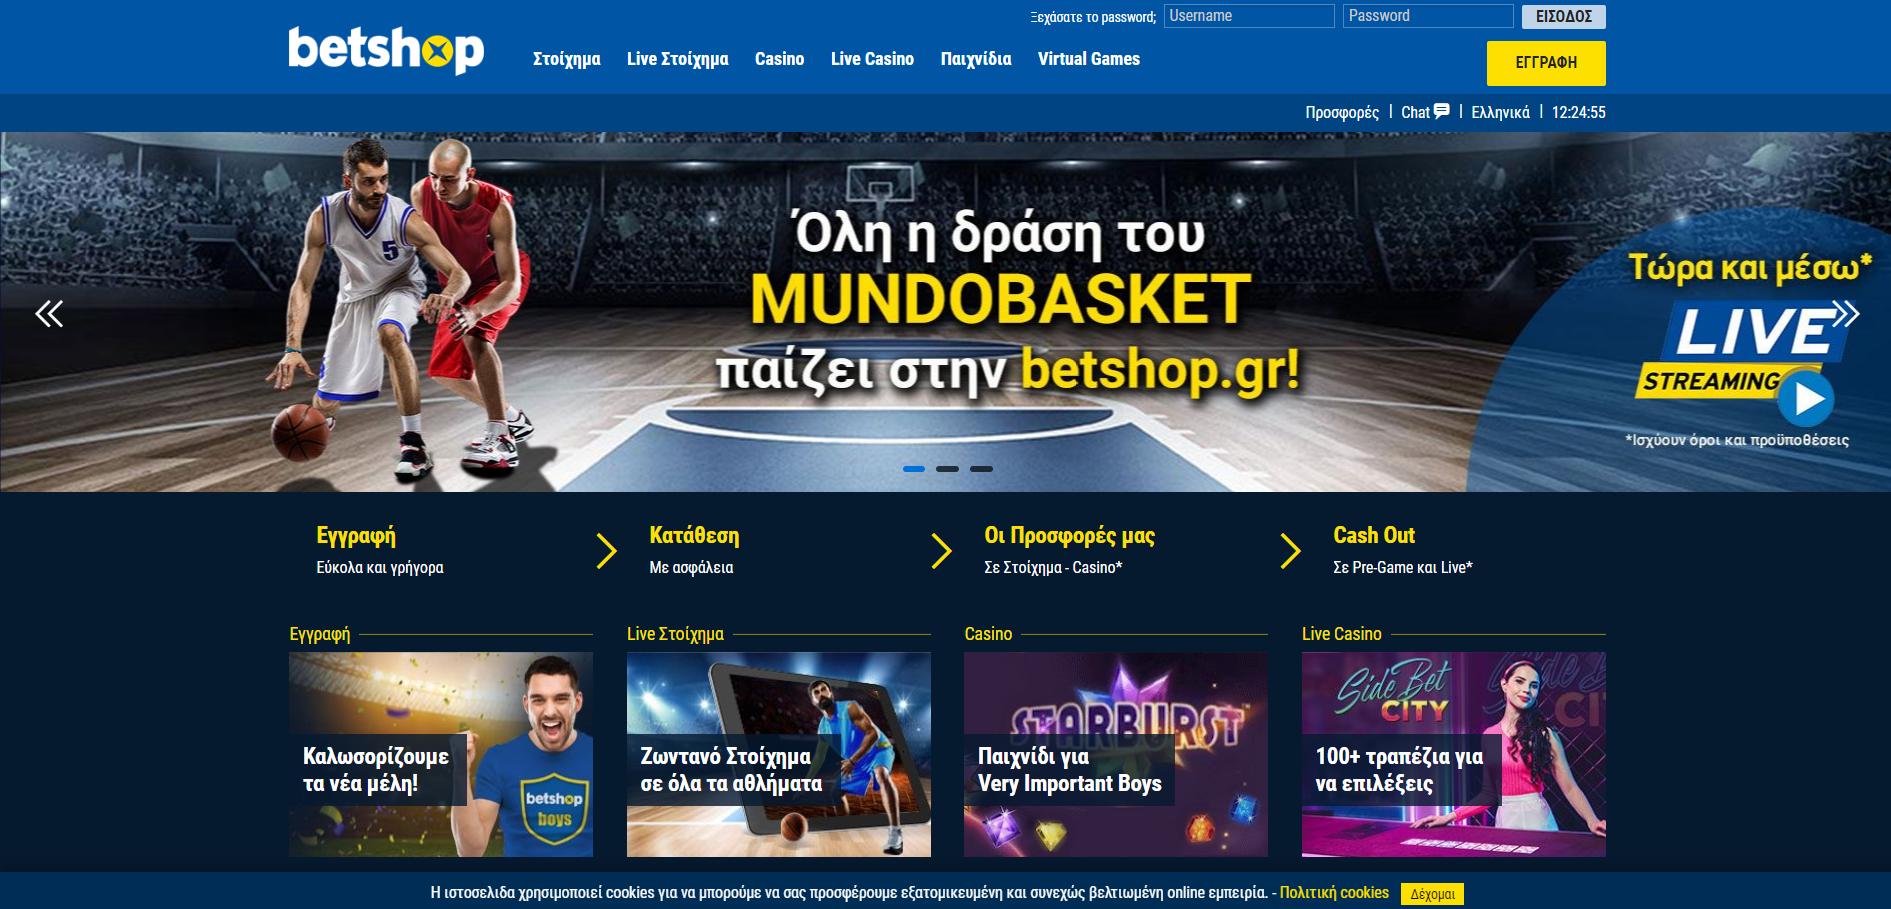 Η κεντρική σελίδα στοιχήματος στη betshop.gr